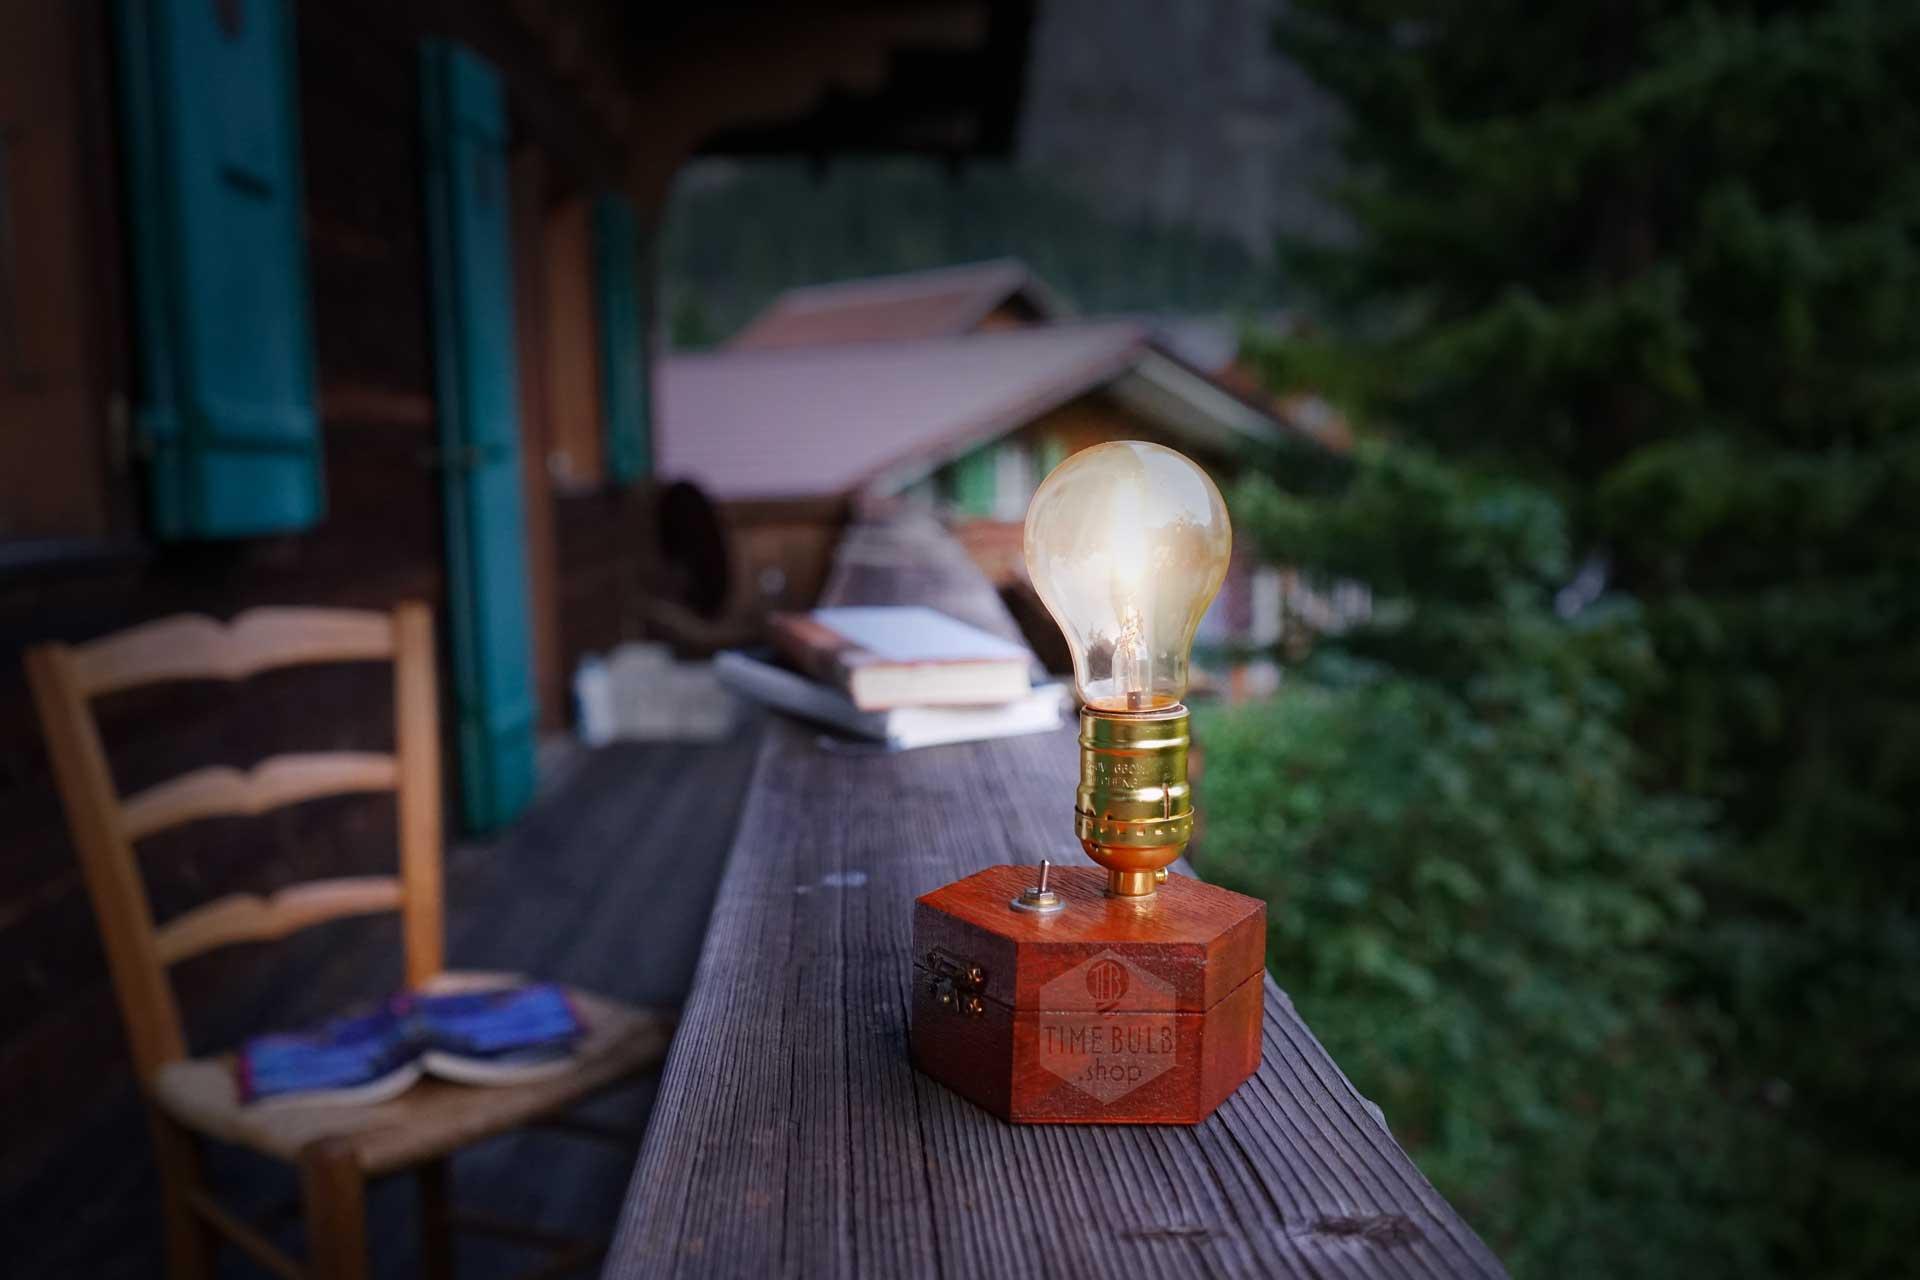 TimeBulb wireless table lamp cordless battery reading desk light books garden terrasse balcony outdoor backyard 09 1